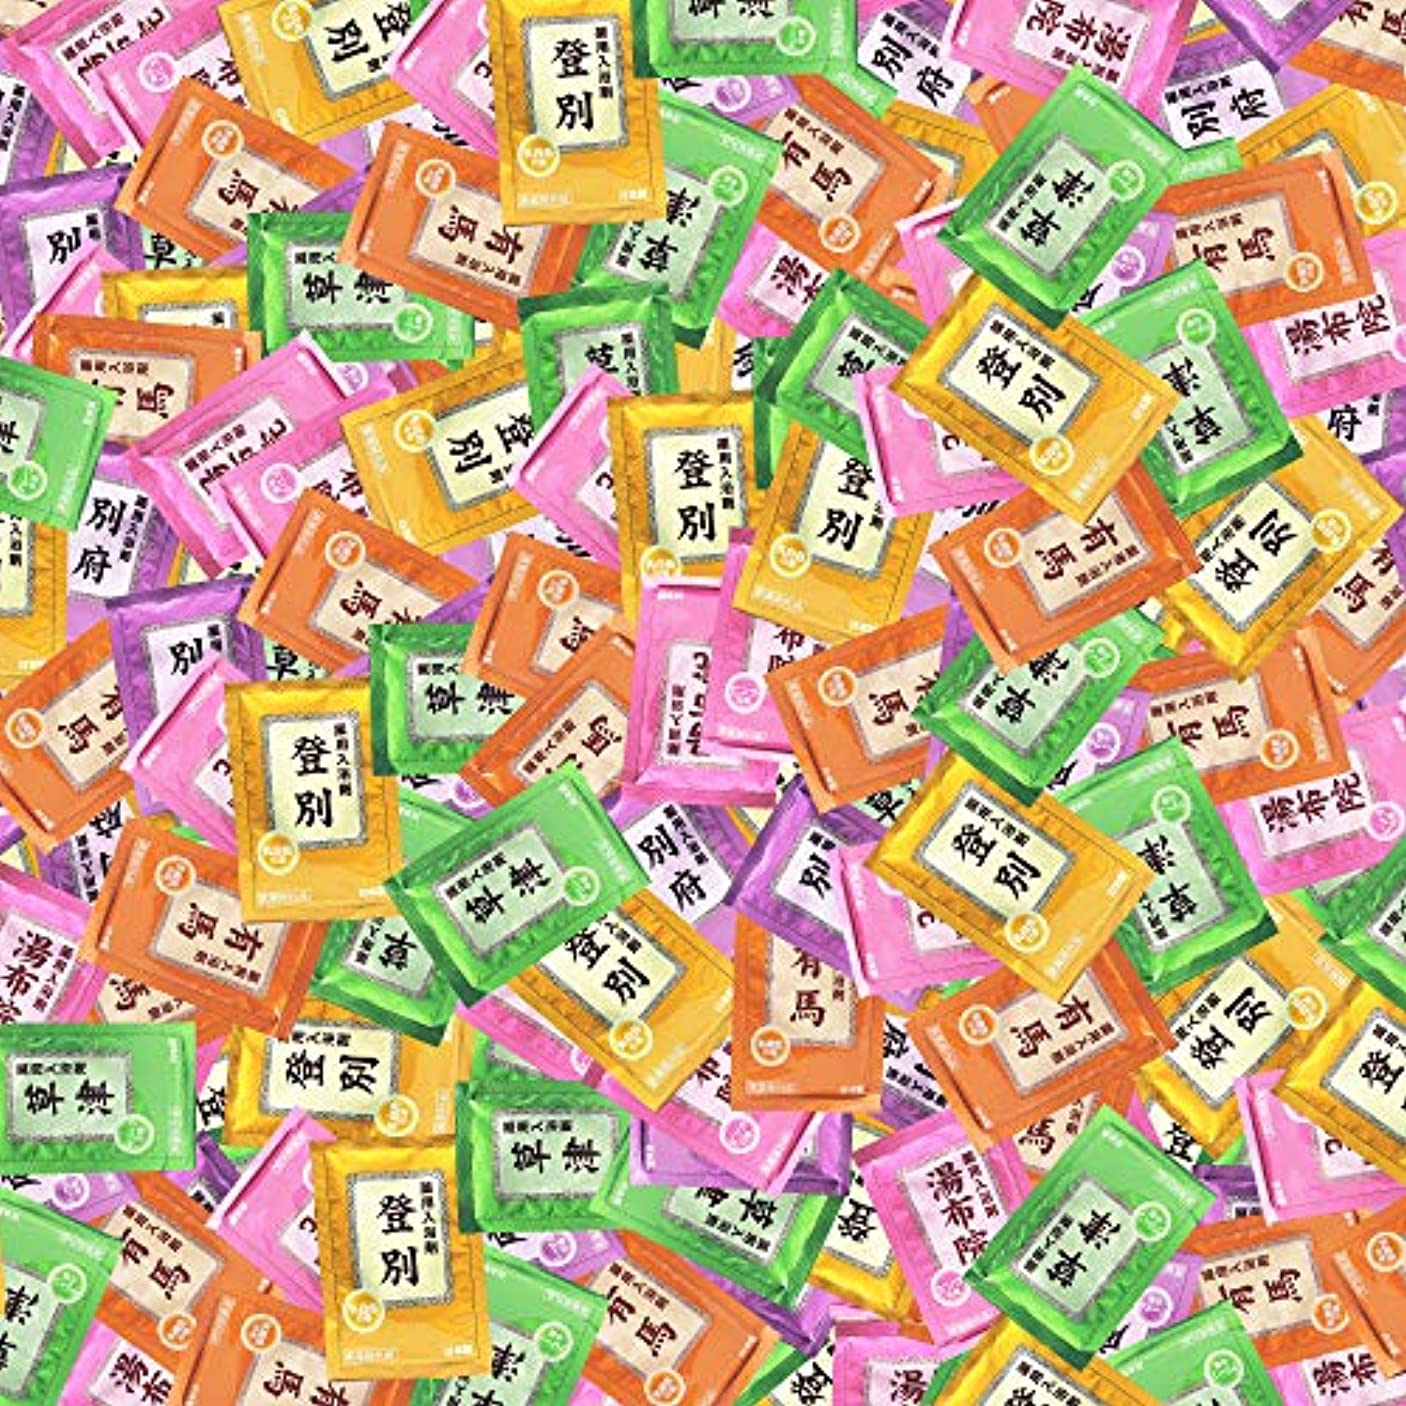 入浴剤 ギフト プレゼント 湯宿めぐり 5種類 400袋)セット